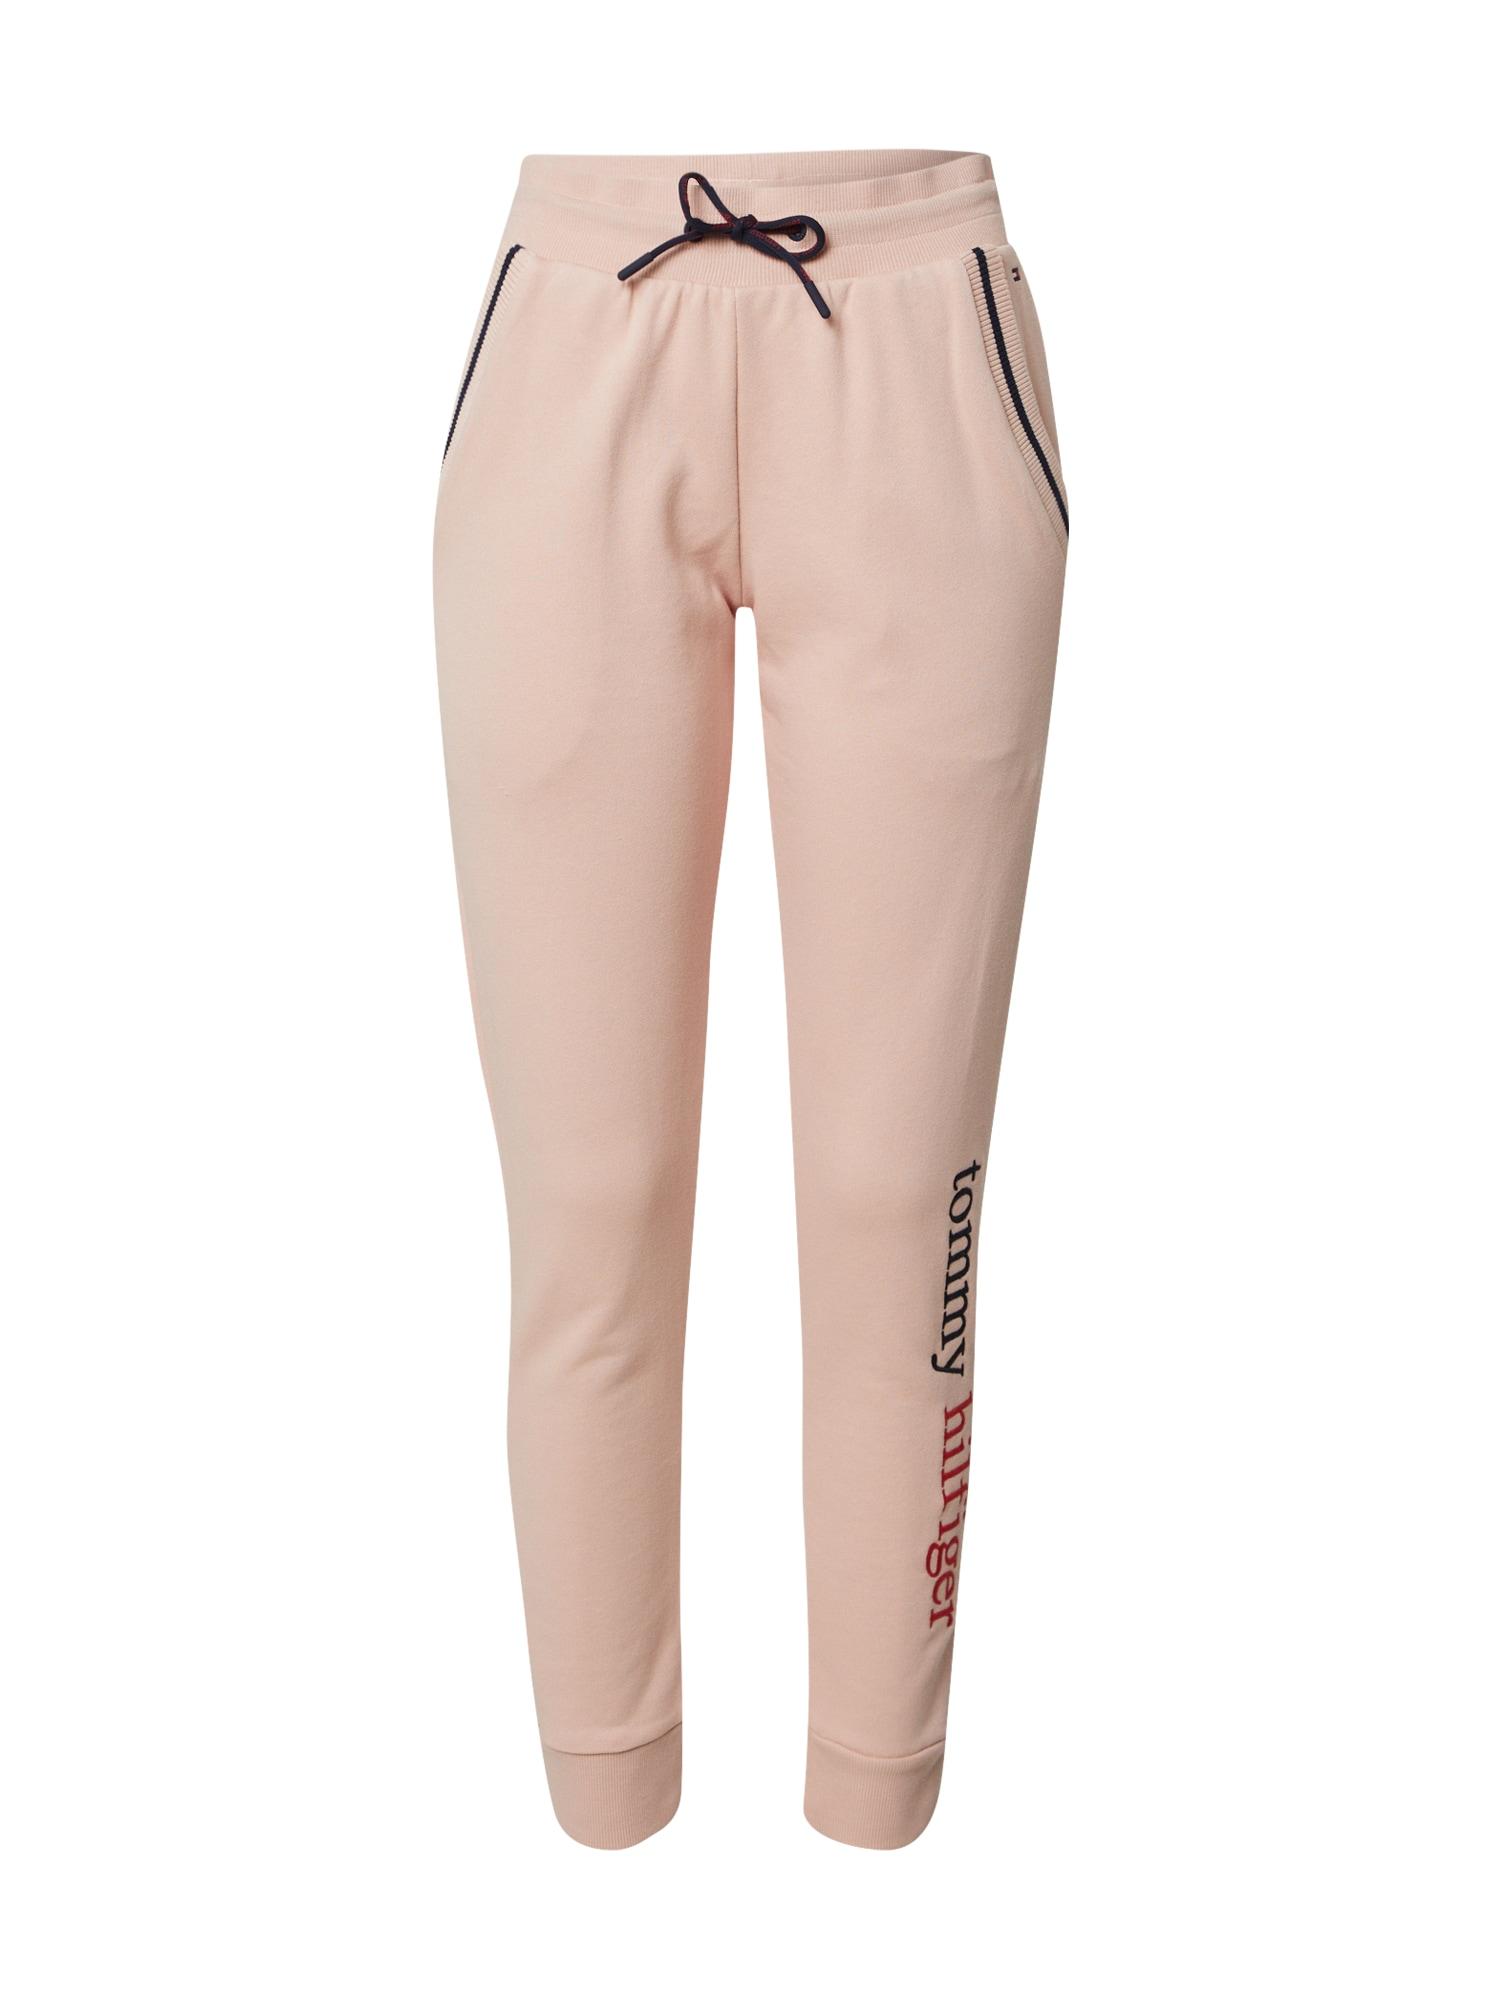 Tommy Hilfiger Underwear Pižaminės kelnės 'PANT LWK' rožių spalva